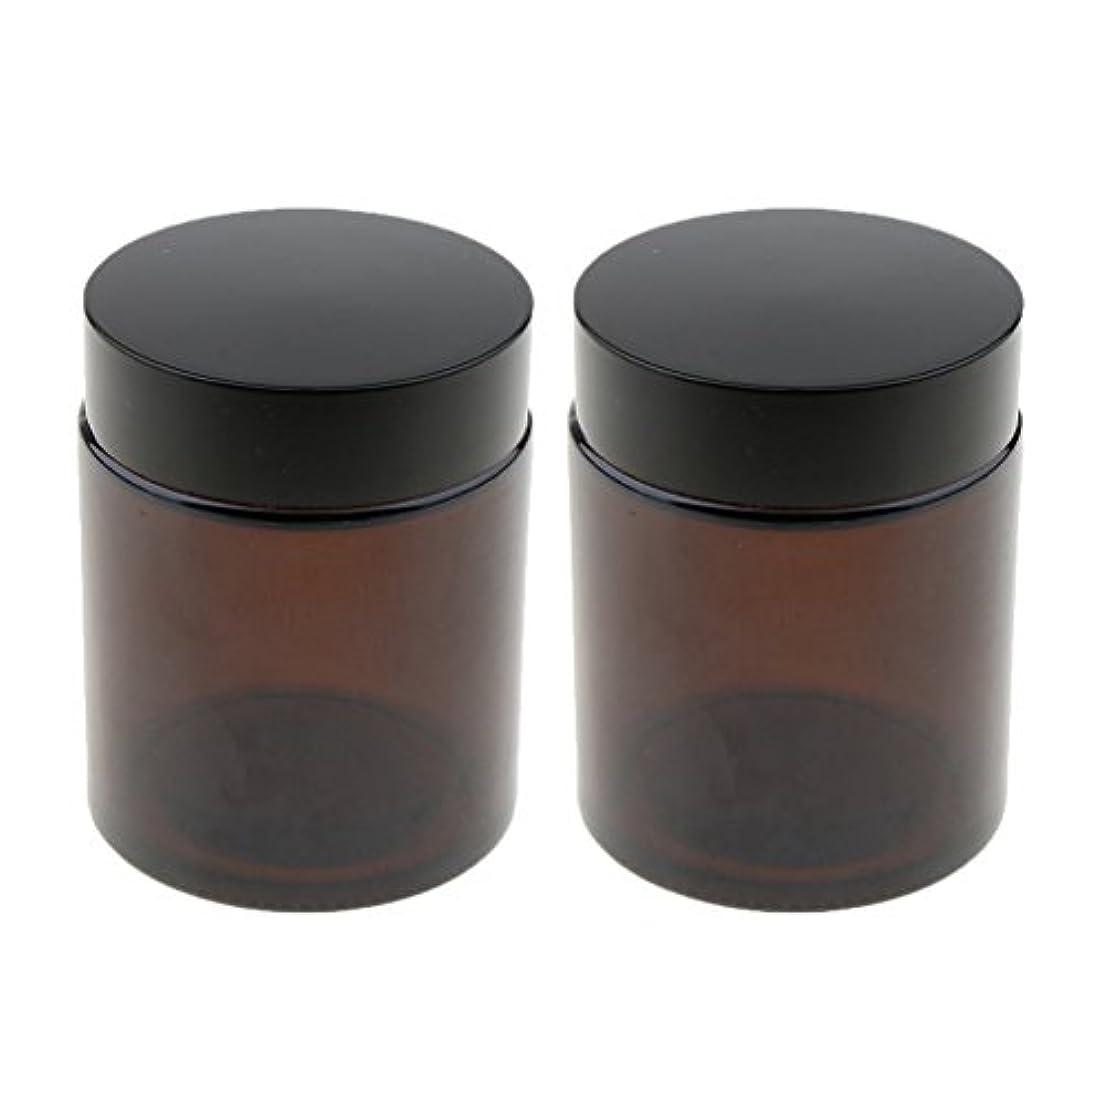 アヒル統計的収まるSharplace 空ボトル 小分け容器 メイクアップポット 空ジャー 詰替え用 ガラス製 100g 2個